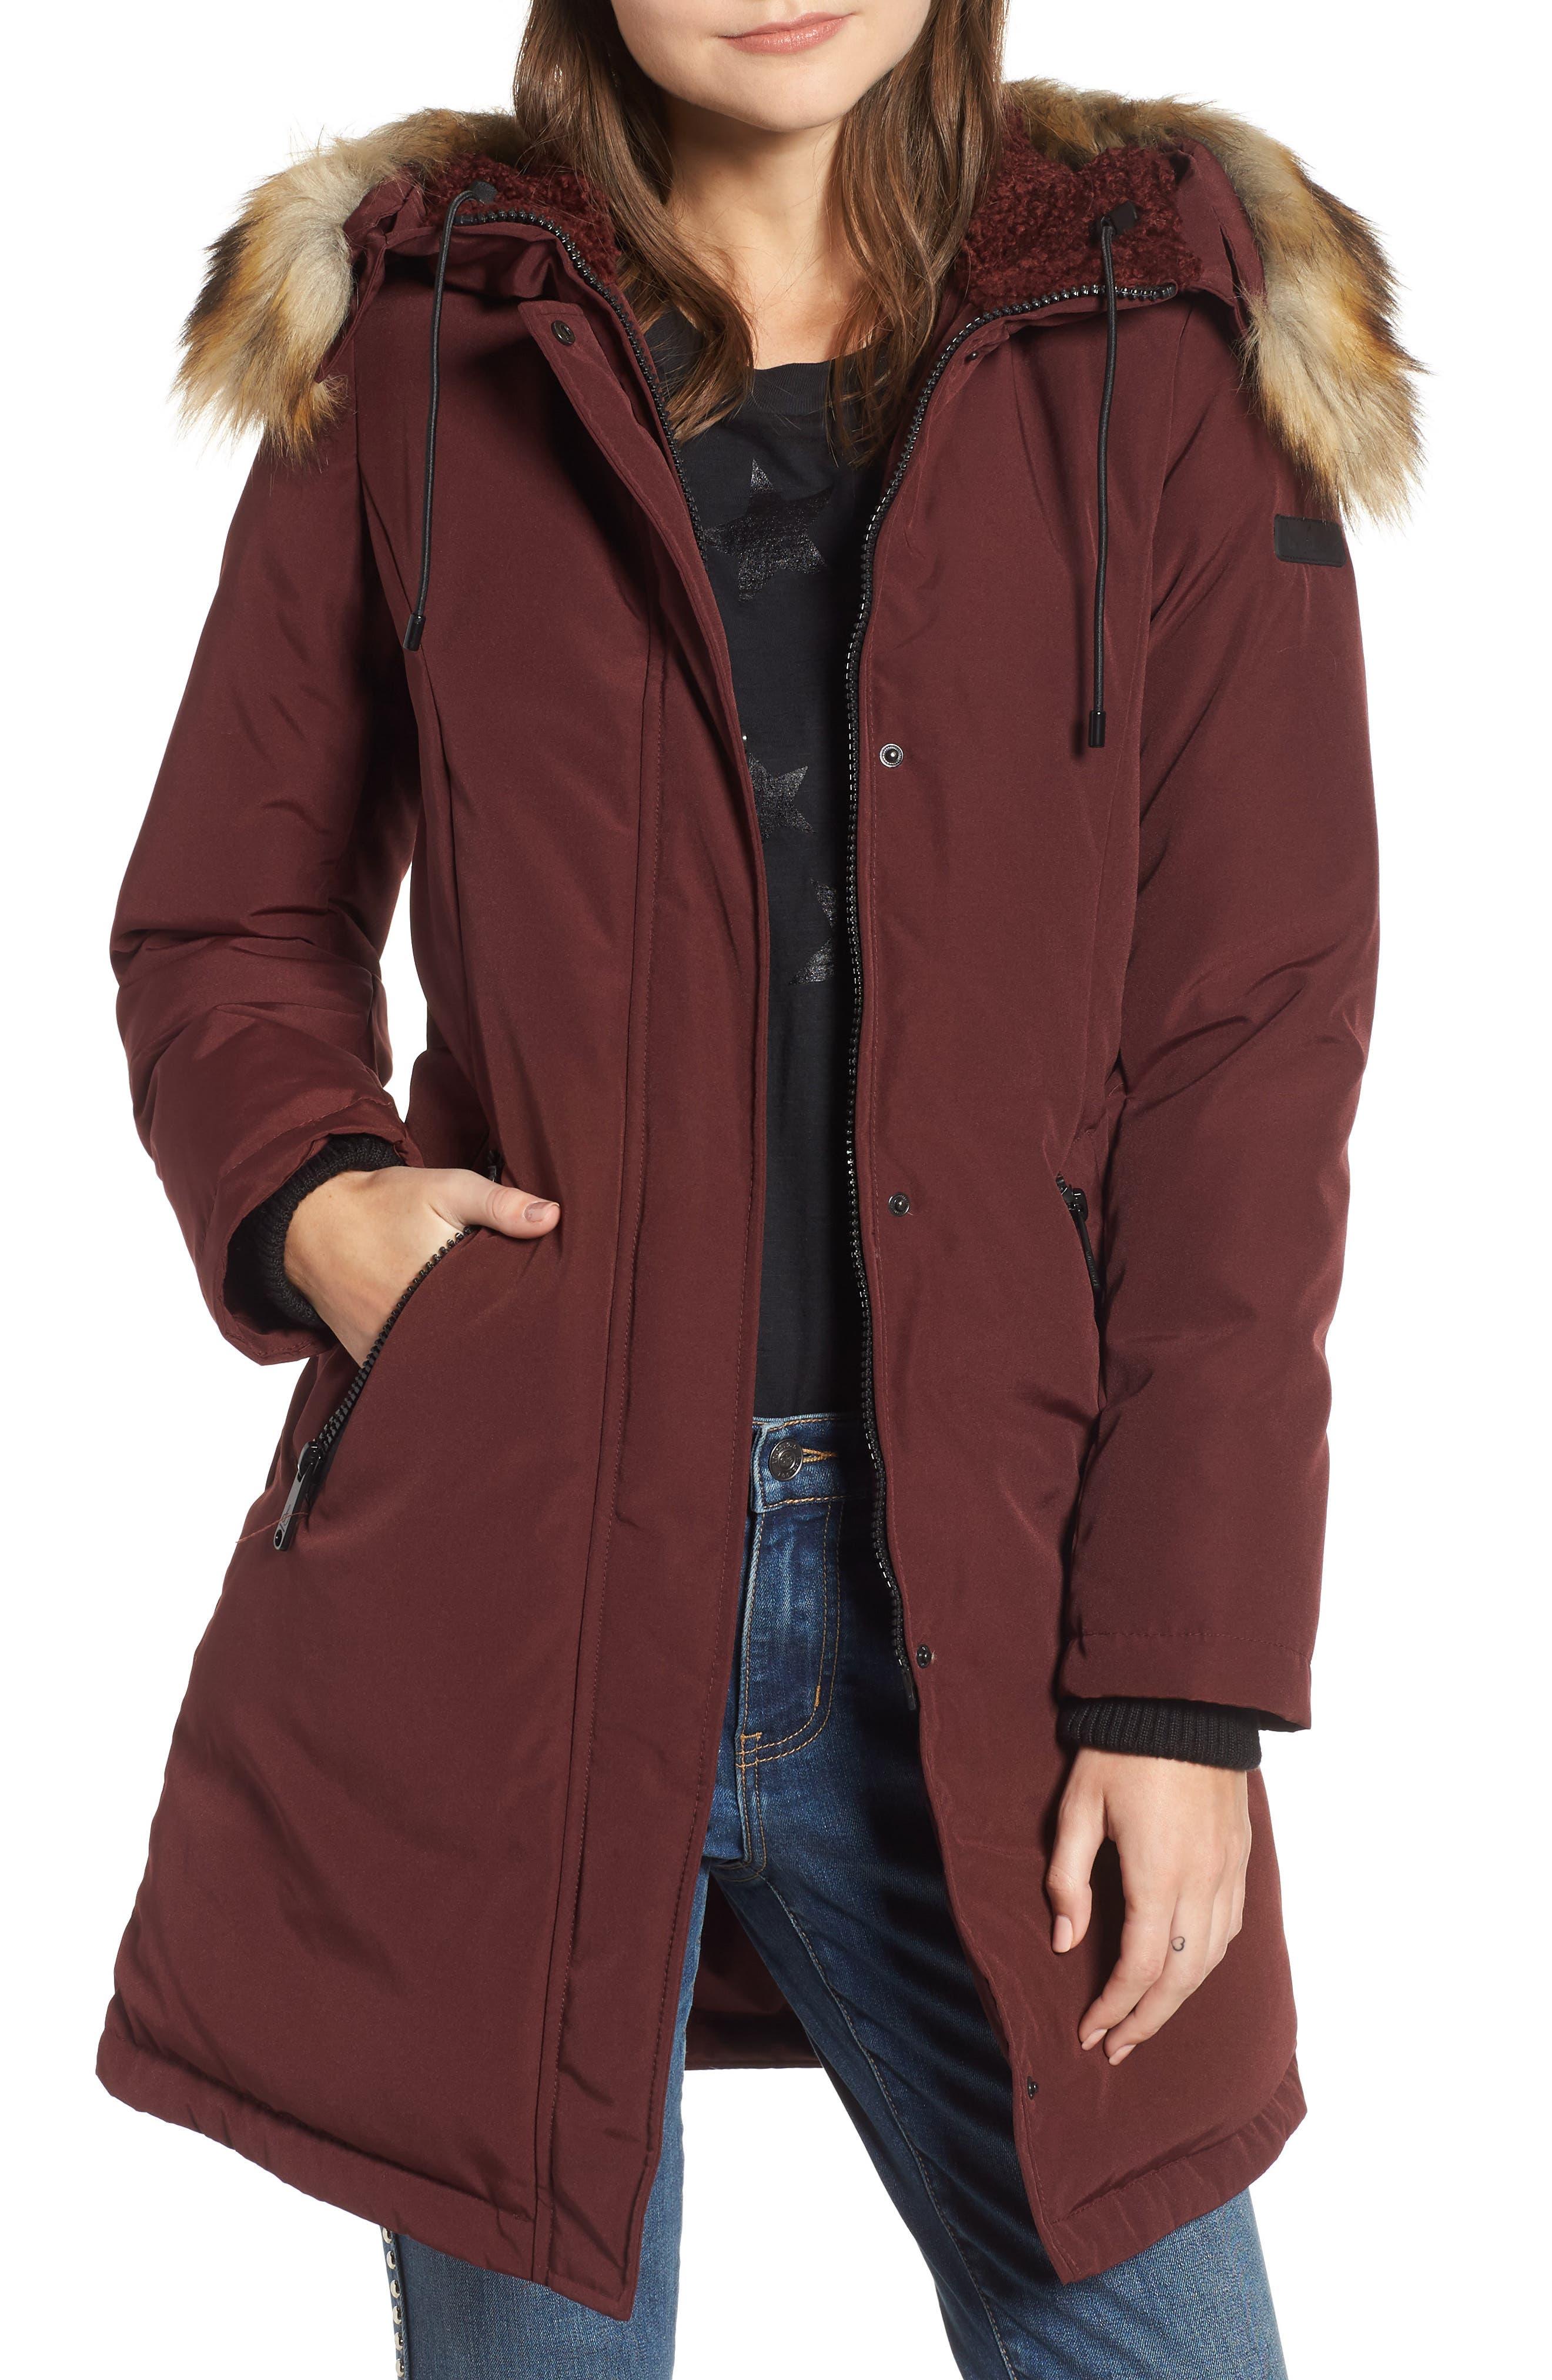 SAM EDELMAN Faux Fur Trim Down Jacket, Main, color, BURGUNDY